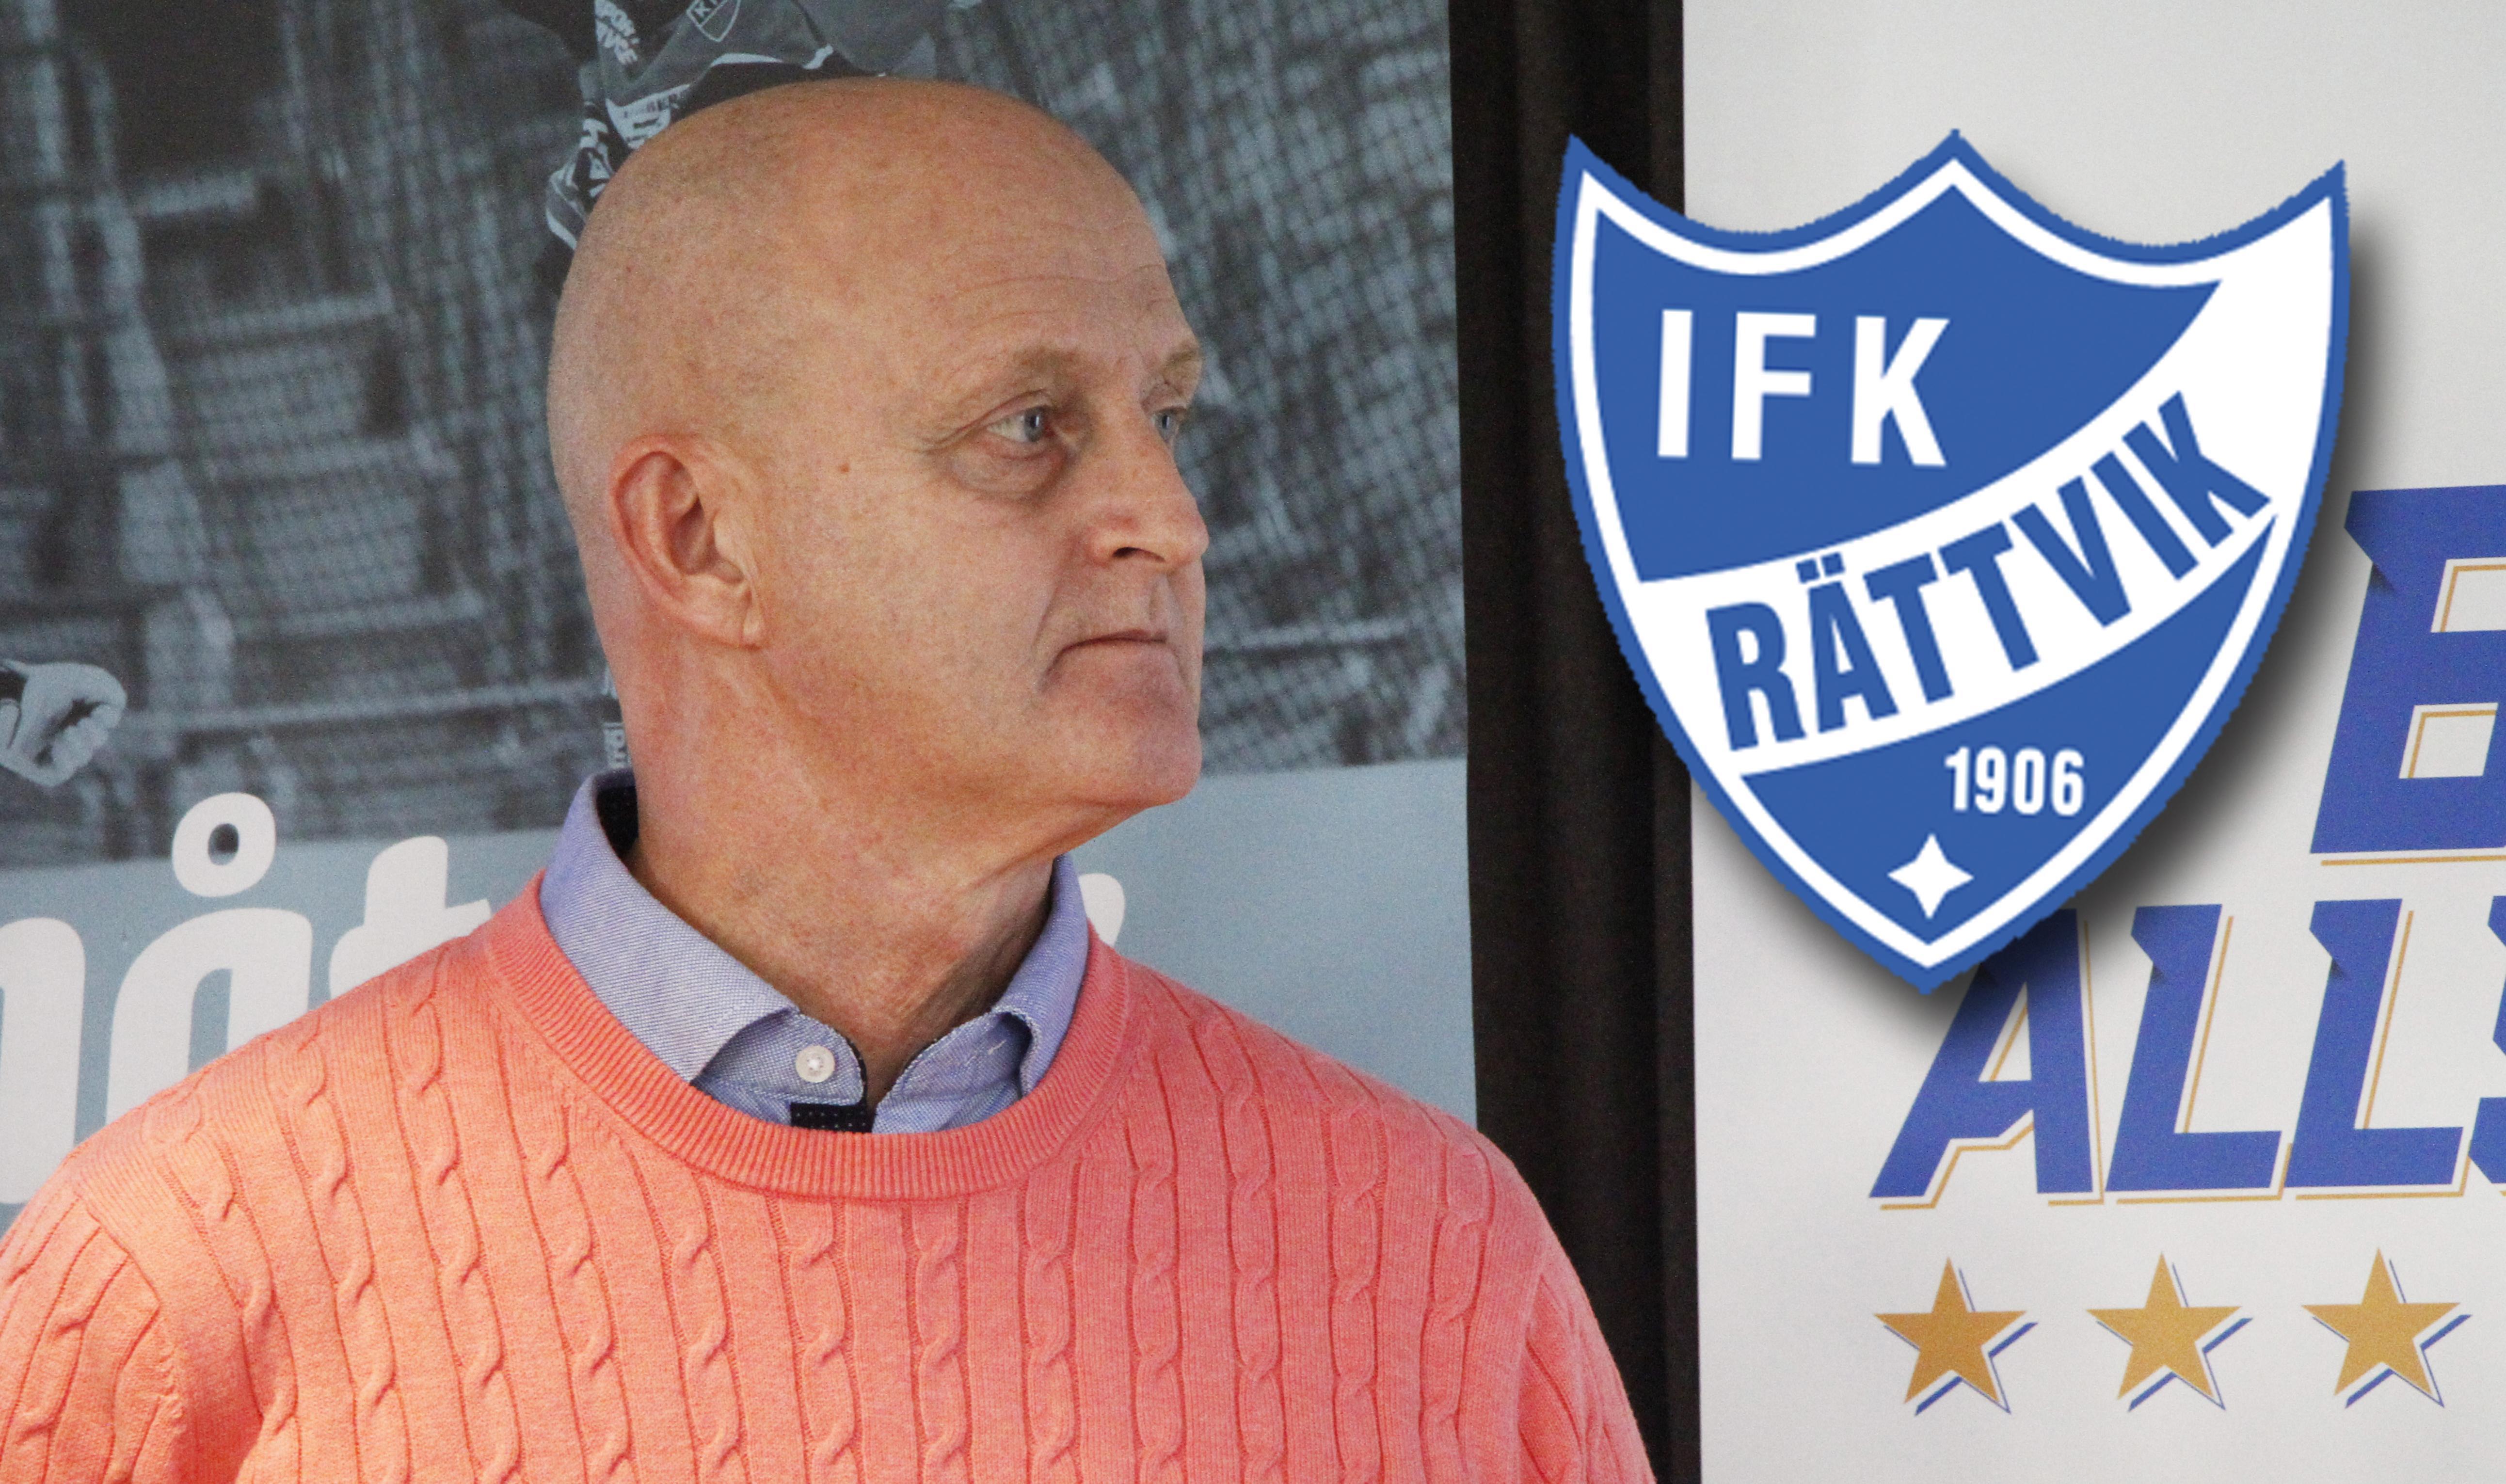 Rättviks tränare, Michael Bratt.